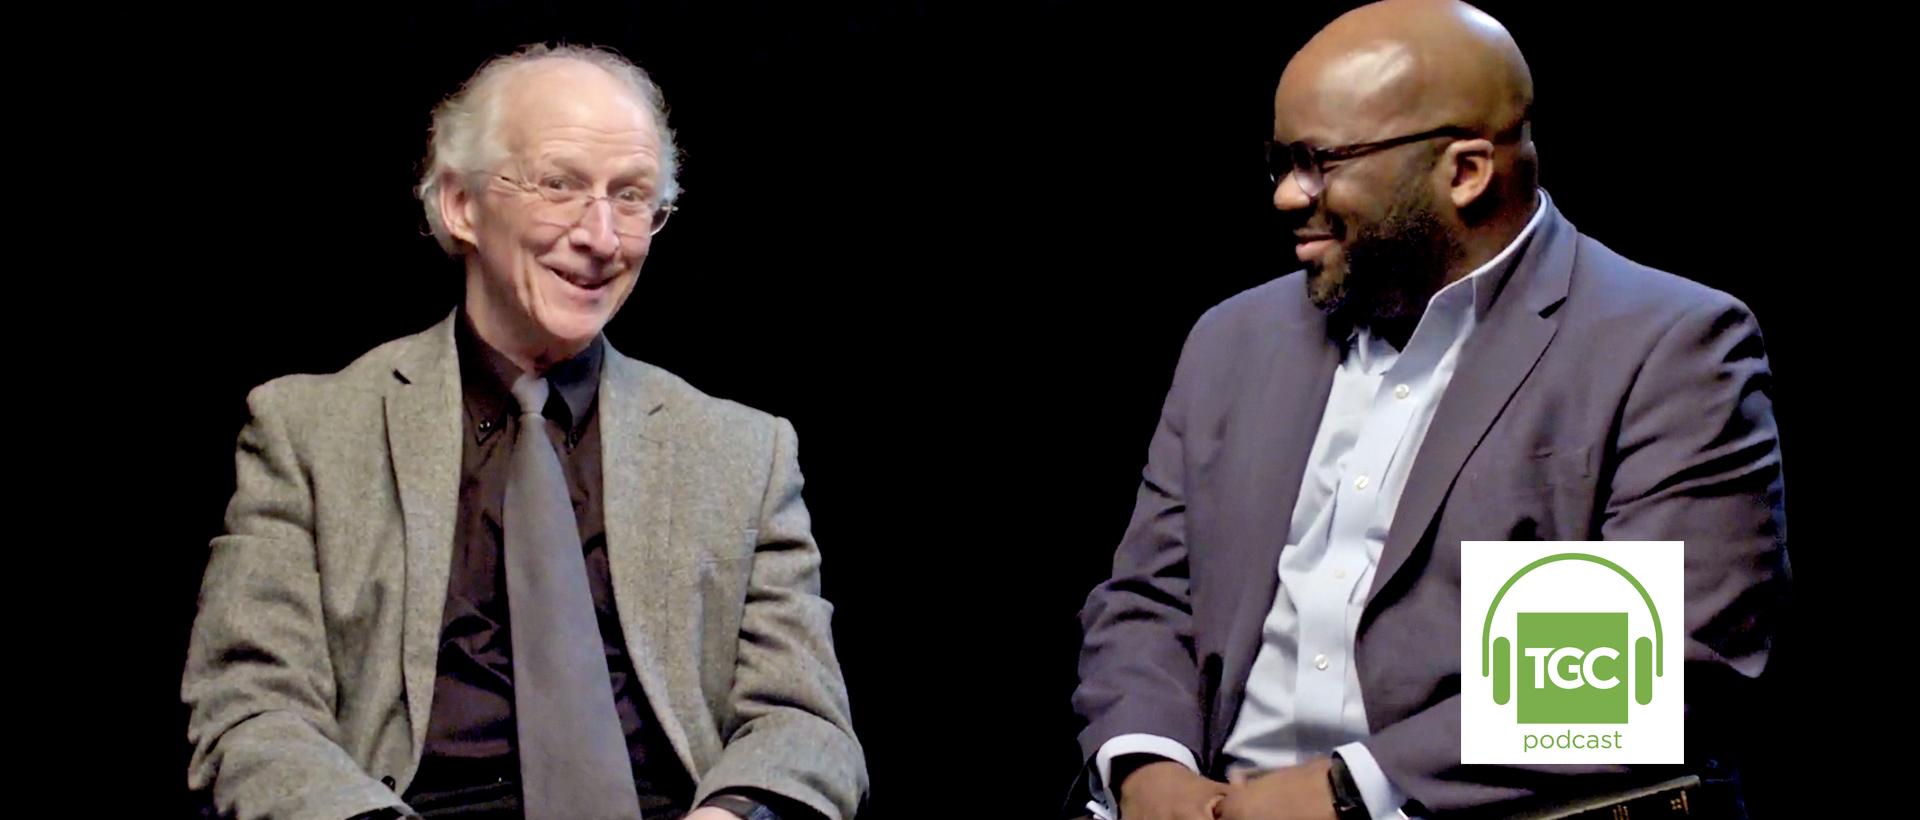 John Piper and H.B. Charles